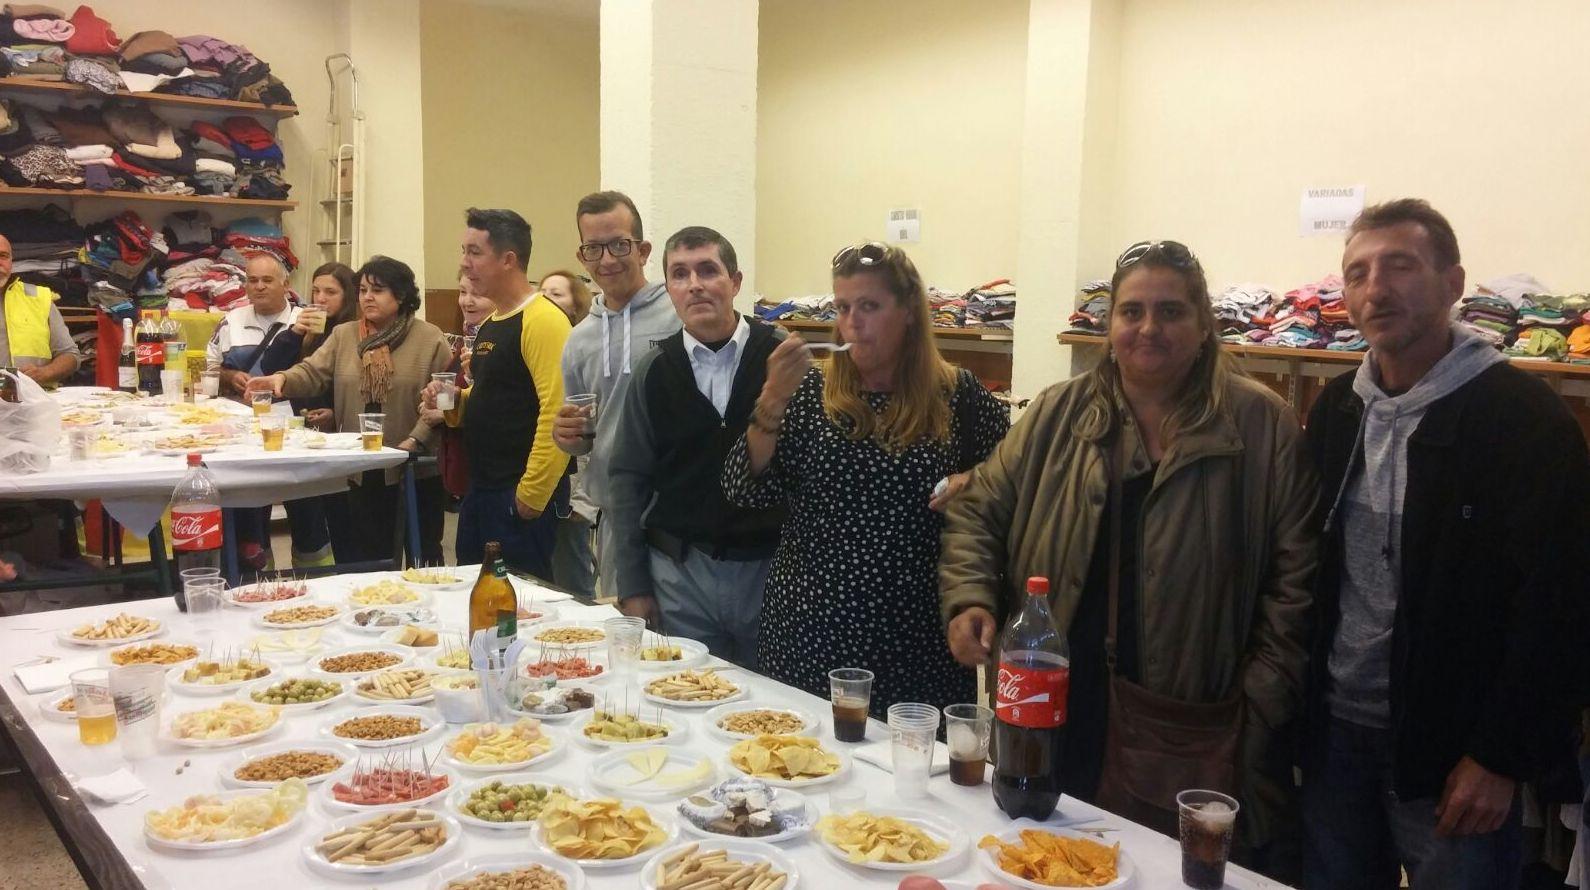 Foto 143 de Asociación de discapacitados en Málaga | Adisma